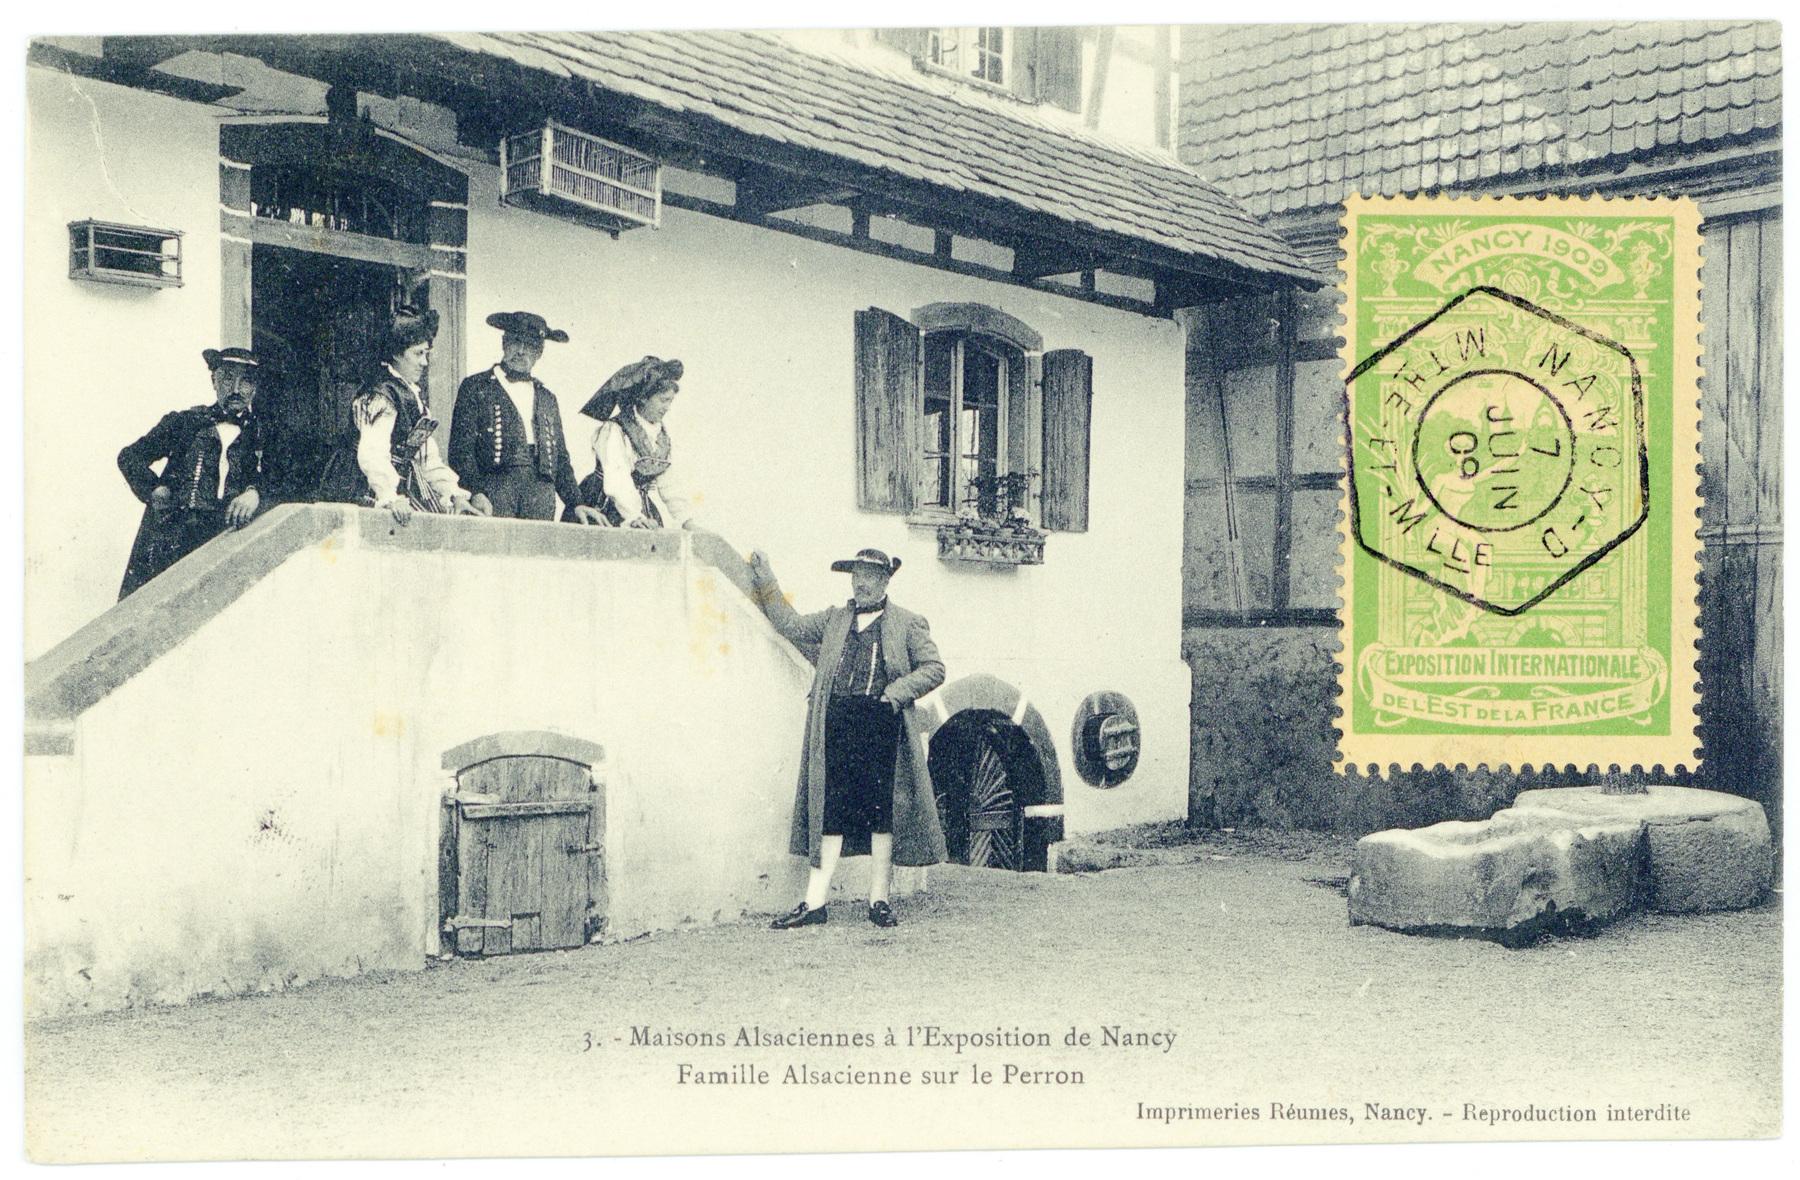 Contenu du Famille Alsacienne sur le Perron